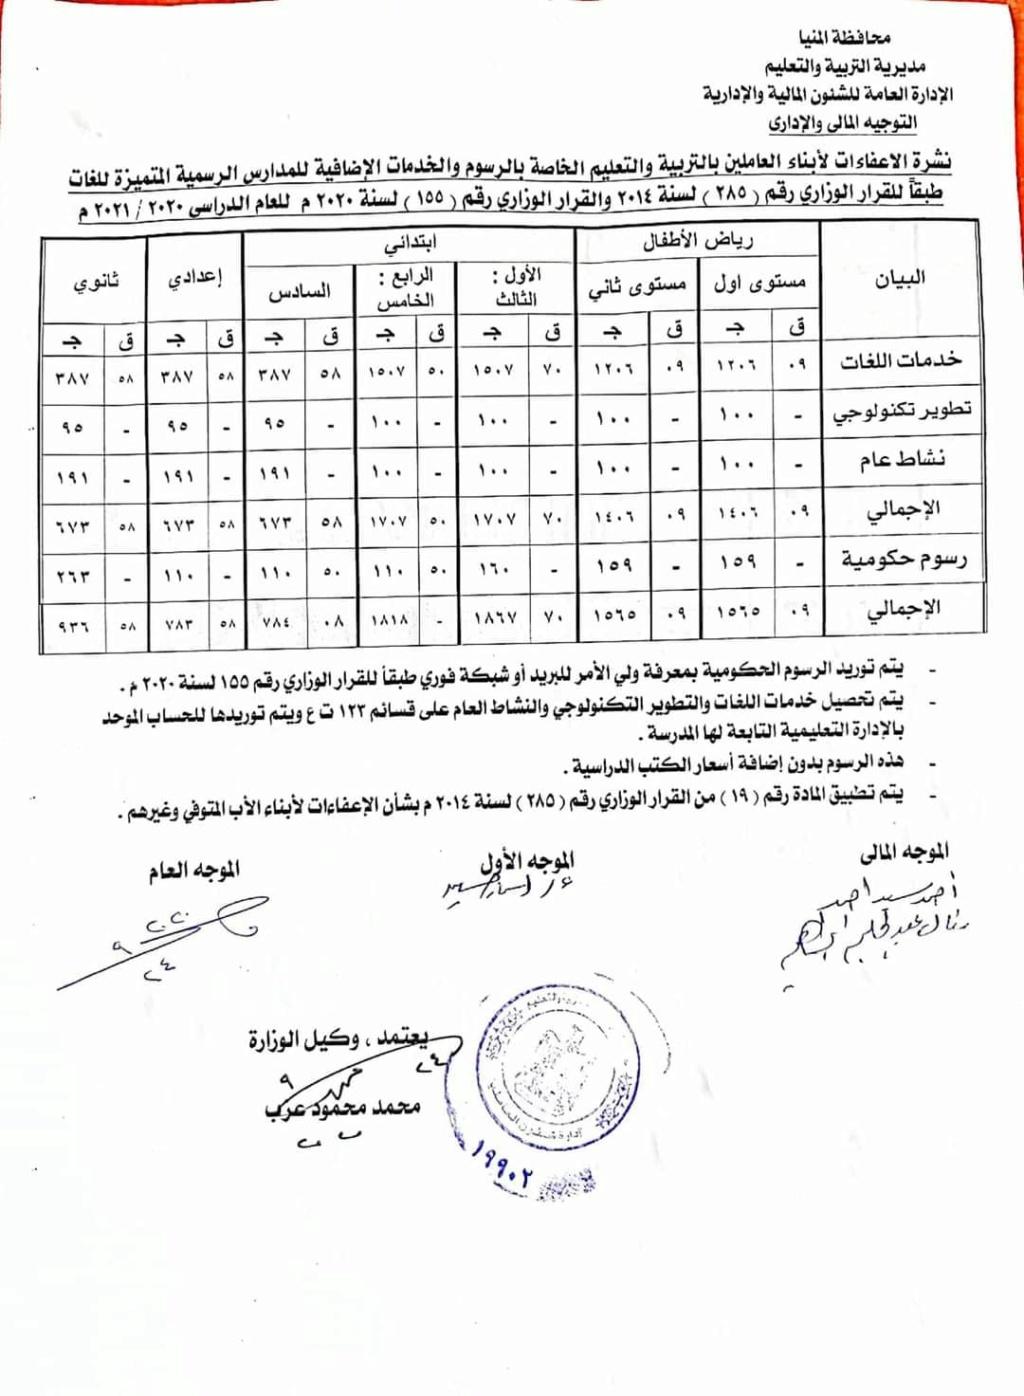 نشرة المصروفات للمدارس الرسمية المتميزة للغات بعد الخصم لأبناء العاملين في التربية والتعليم 441114